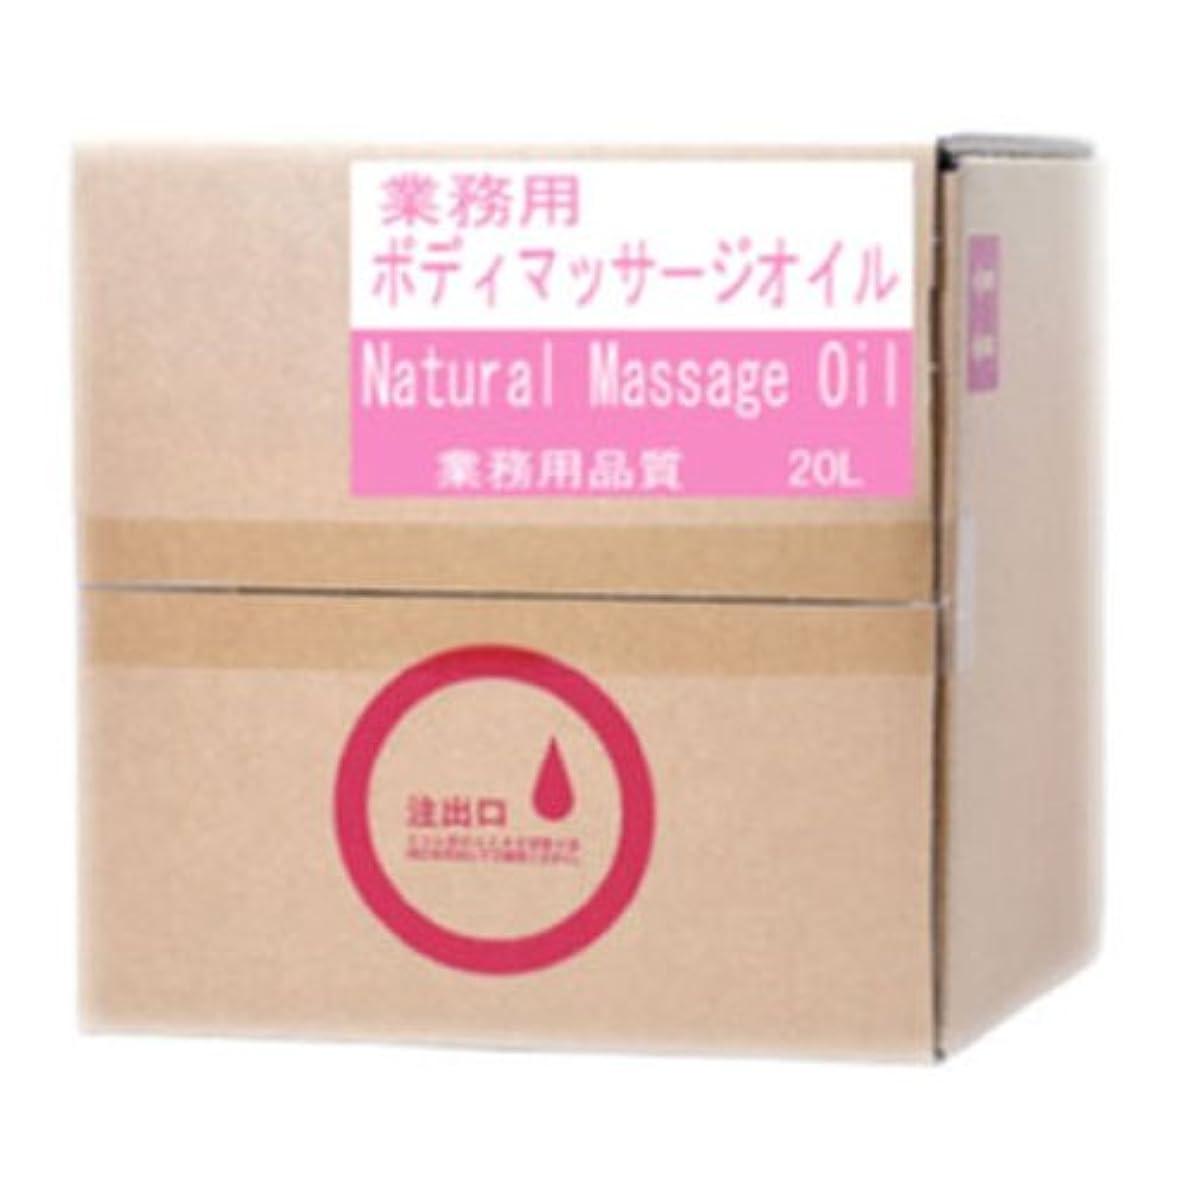 植木渦アクセサリー業務用 エステ ナチュラルマッサージオイル激安 無香料 20L